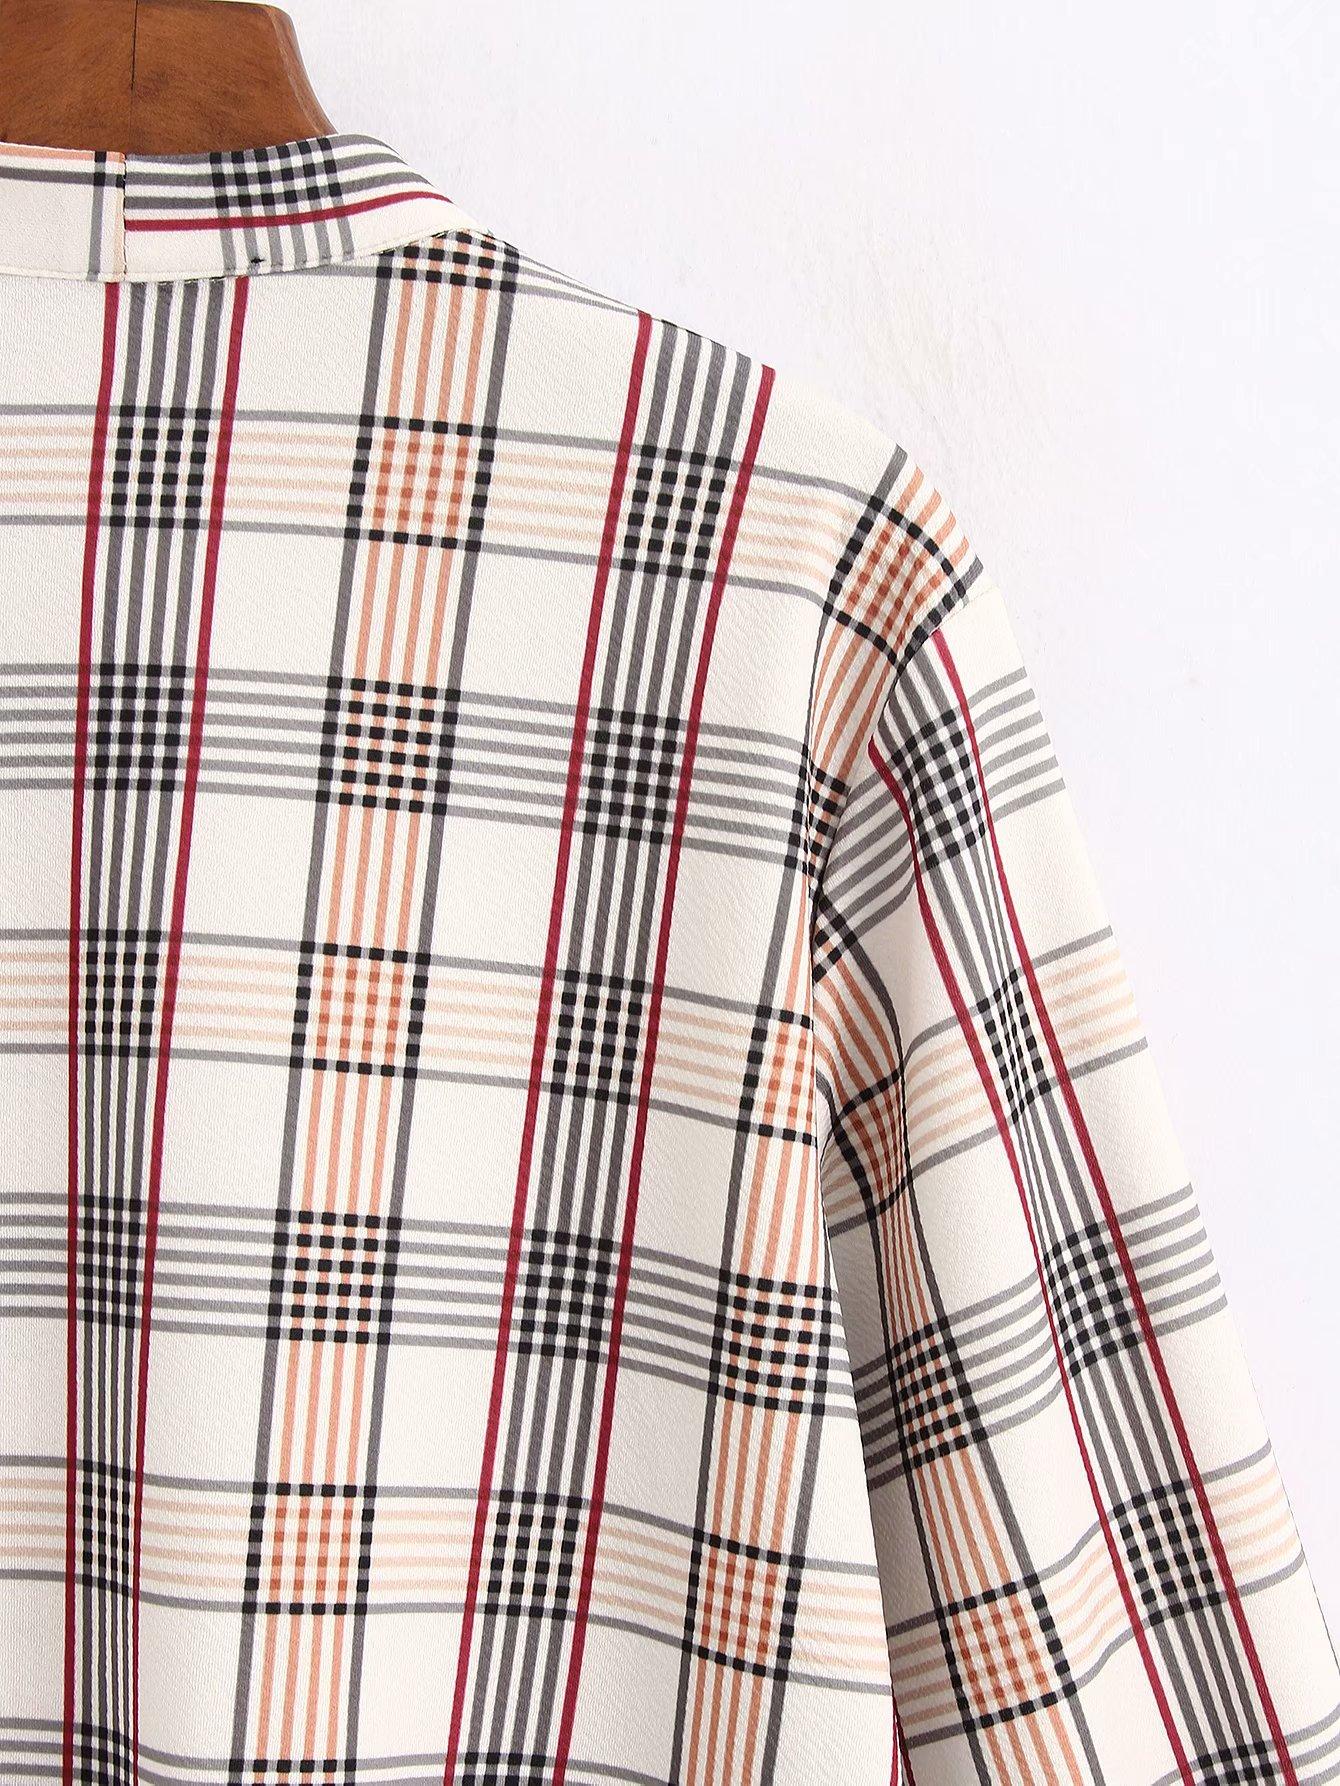 Fashion Wholesale new style led check shirt NHAM201563